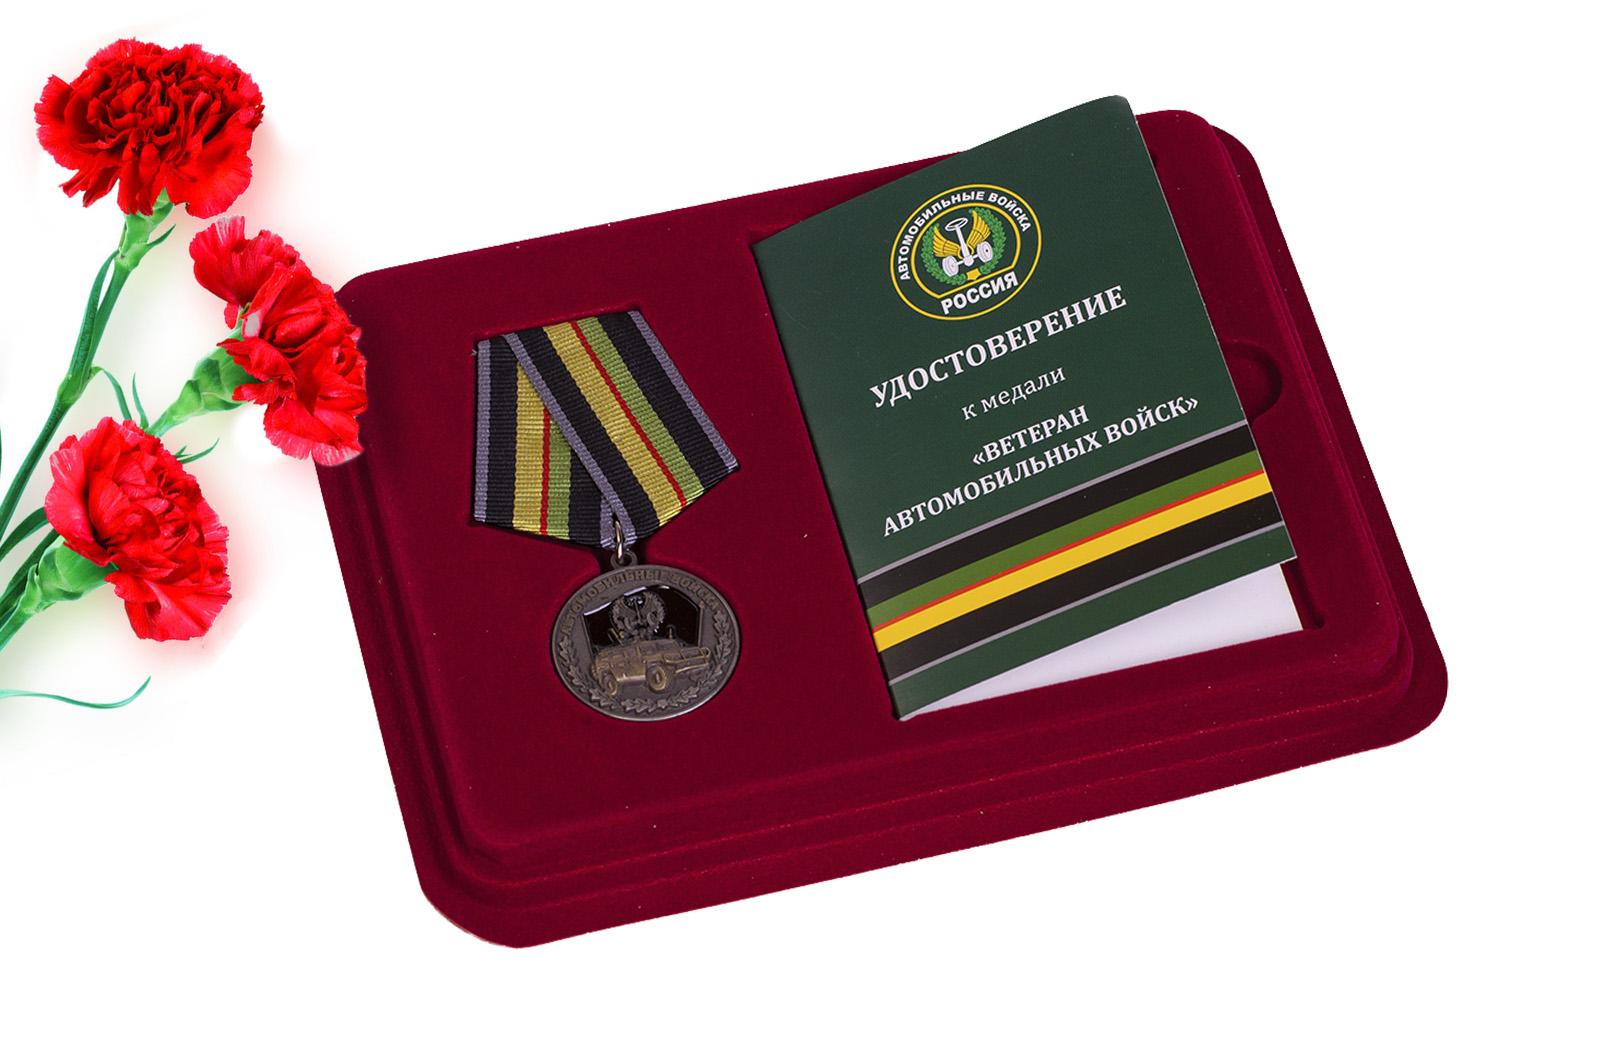 Купить памятную медаль Ветеран автомобильных войск с доставкой или самовывозом